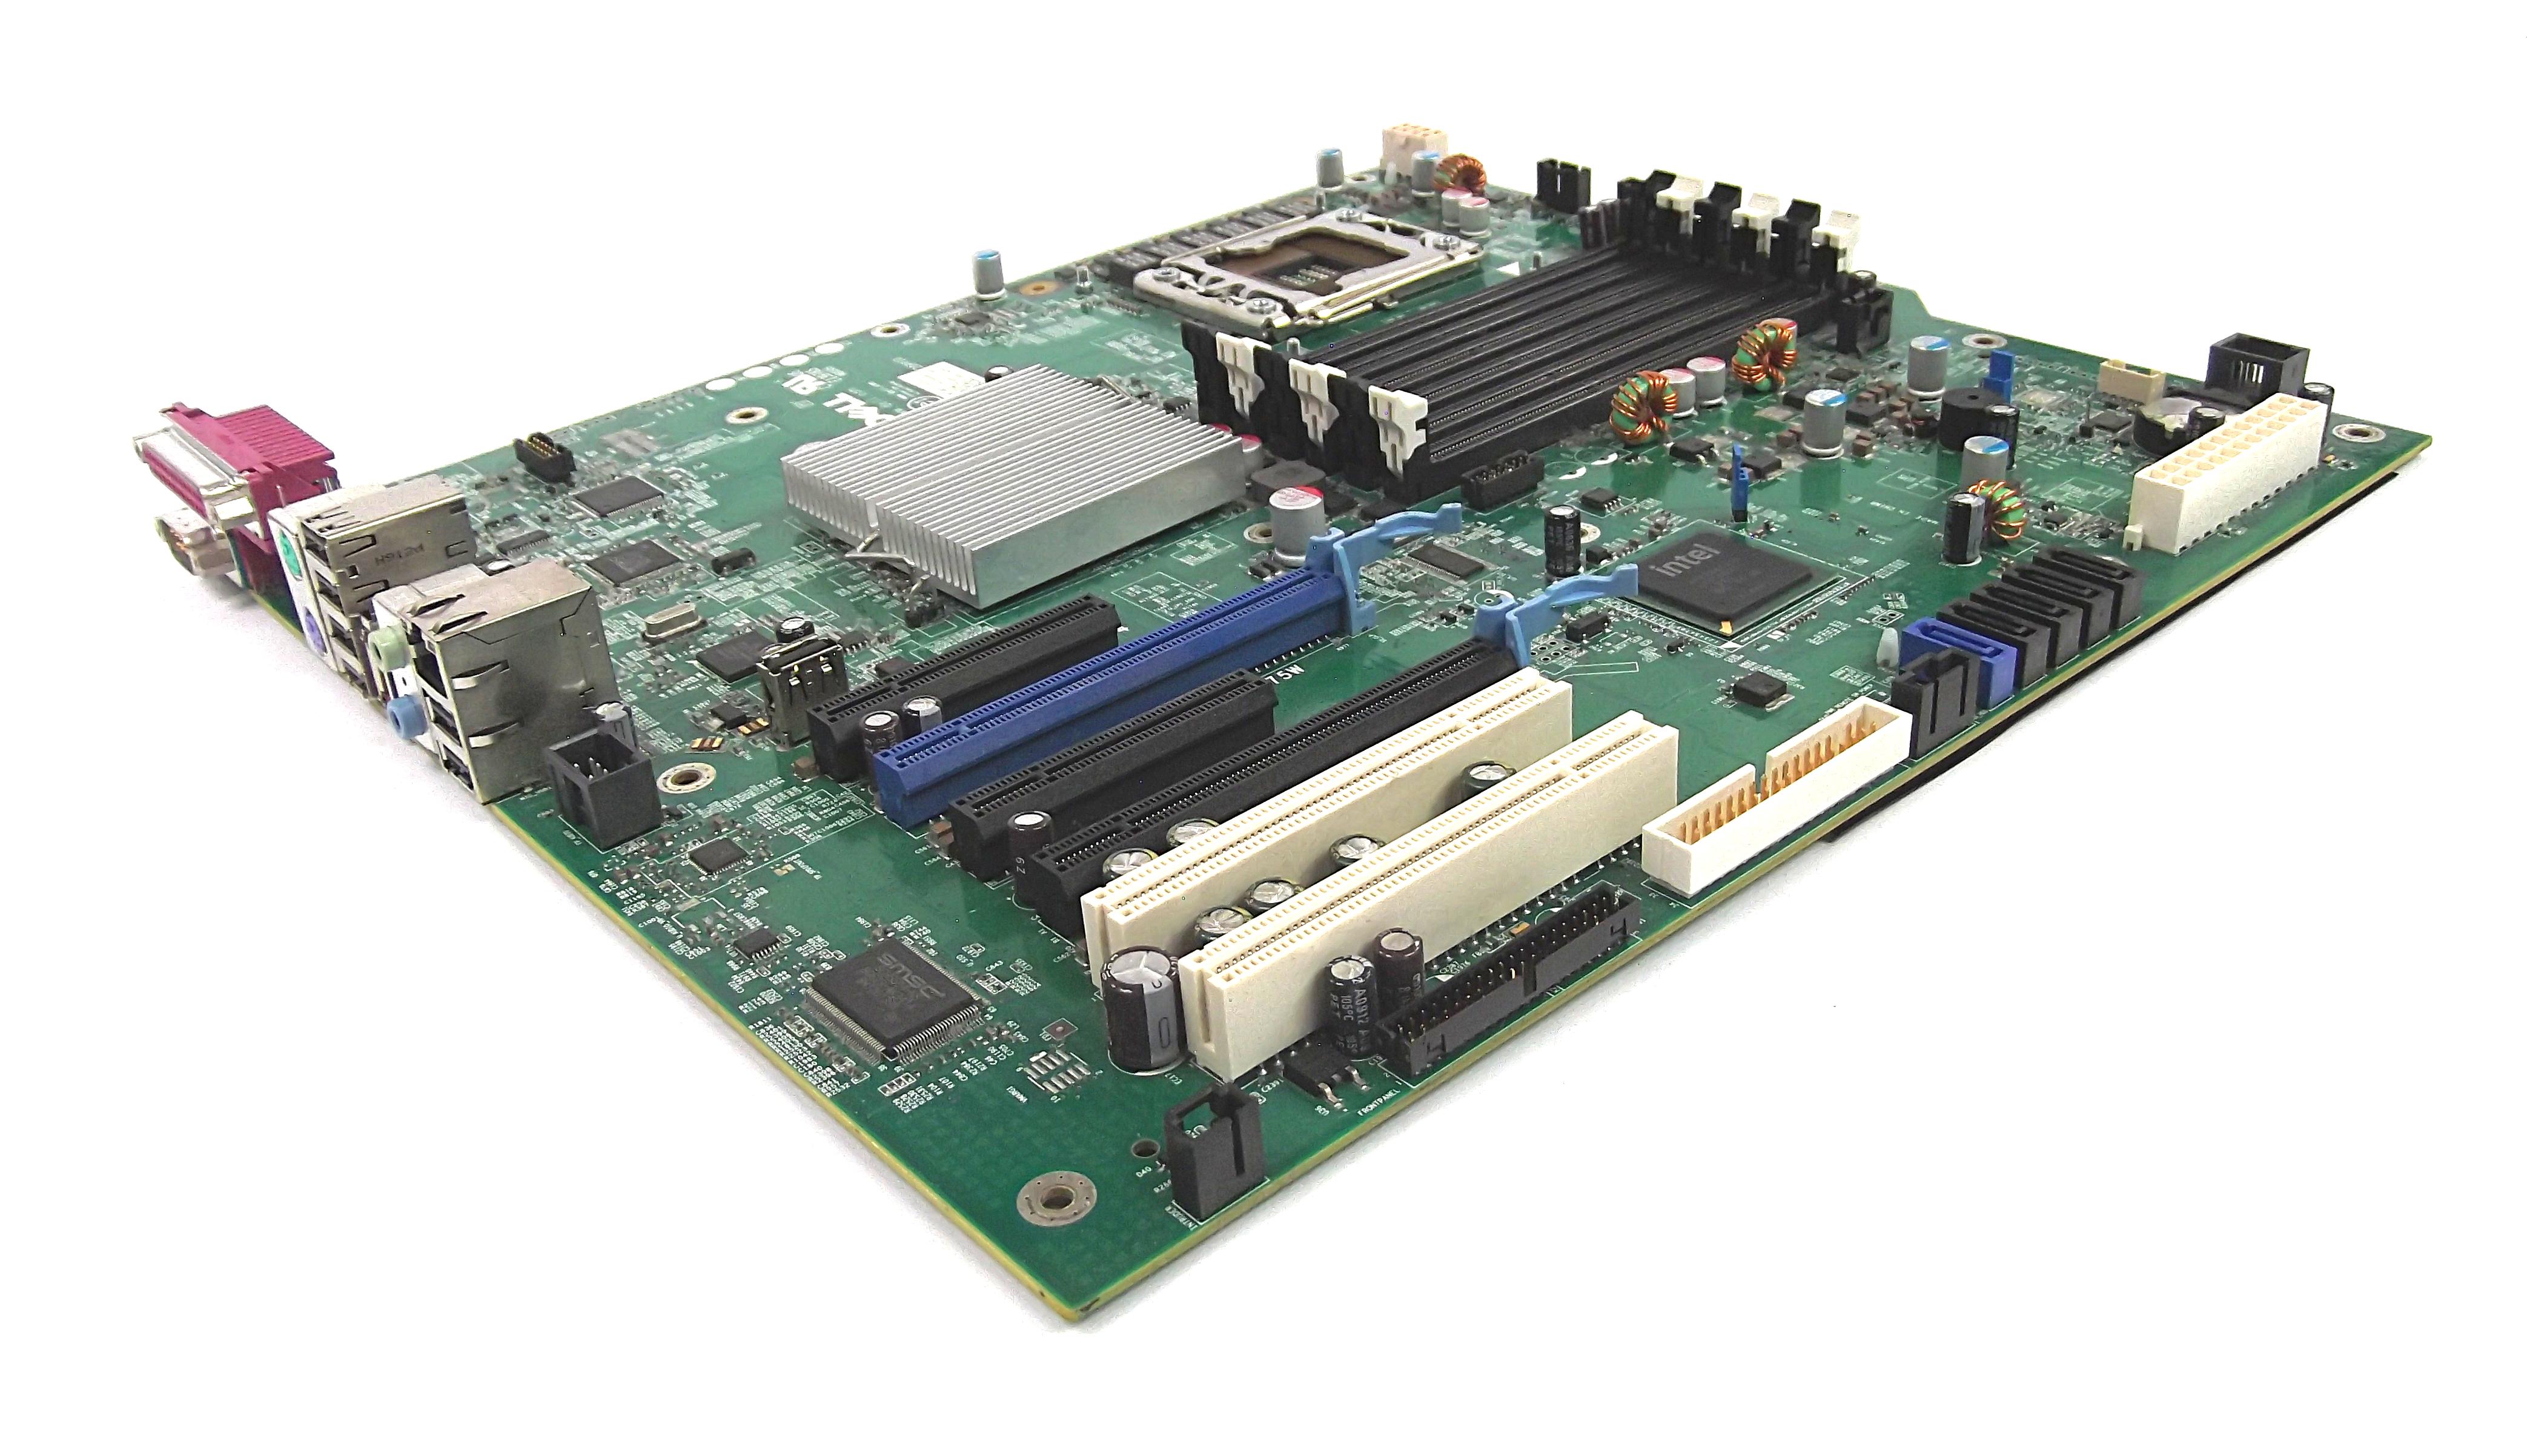 Dell K095G Precision T3500 Socket LGA1366 Motherboard